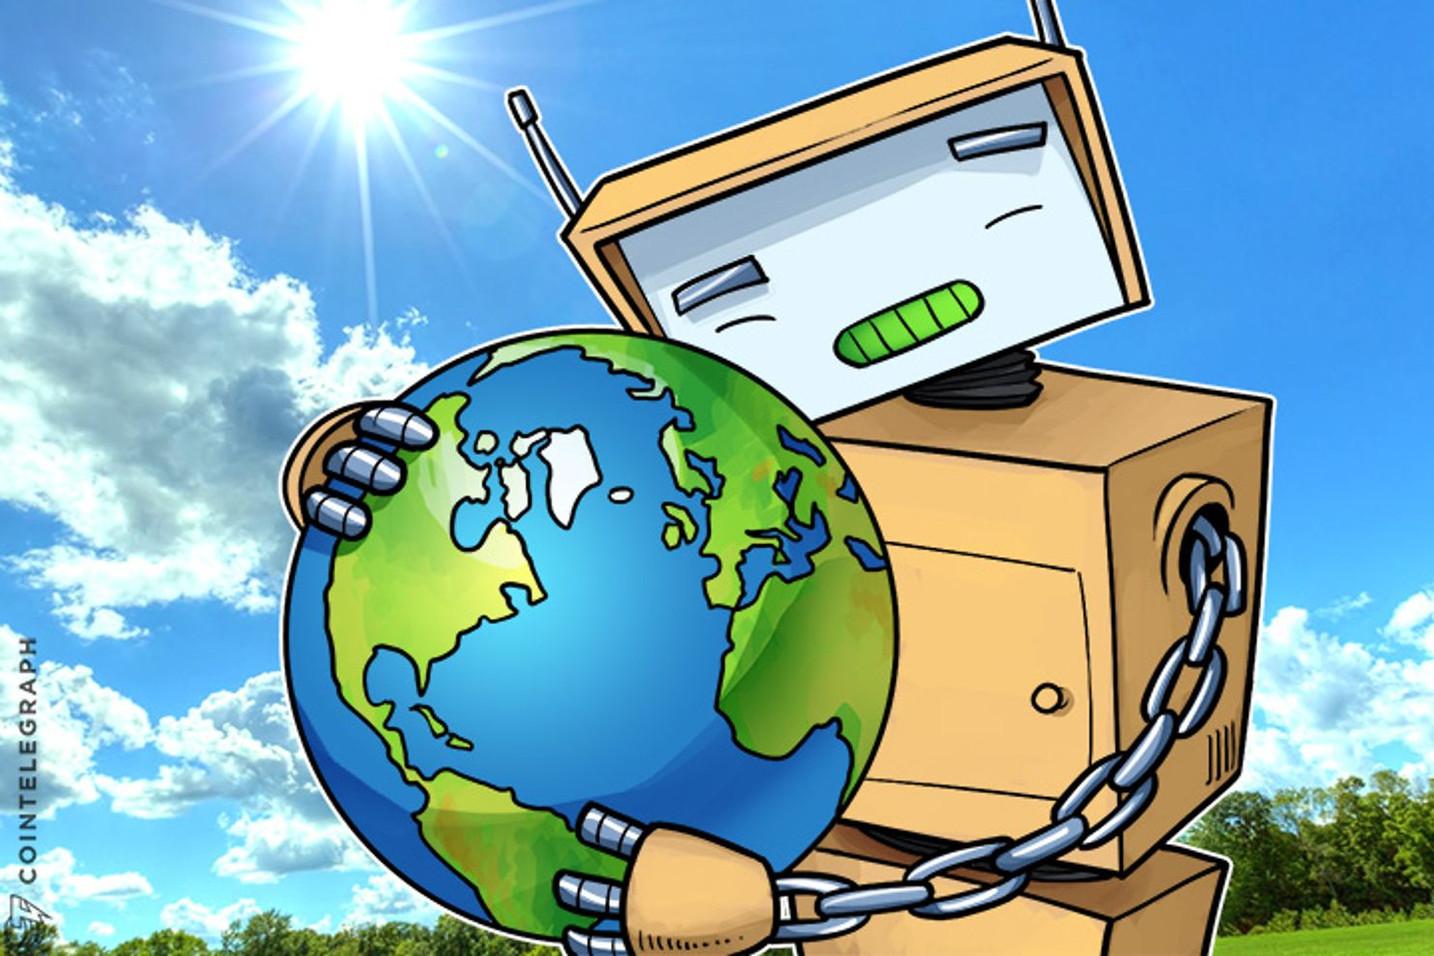 Ecodocta comenzó con las pruebas para recompensar con criptomonedas a usuarios que reciclan botellas